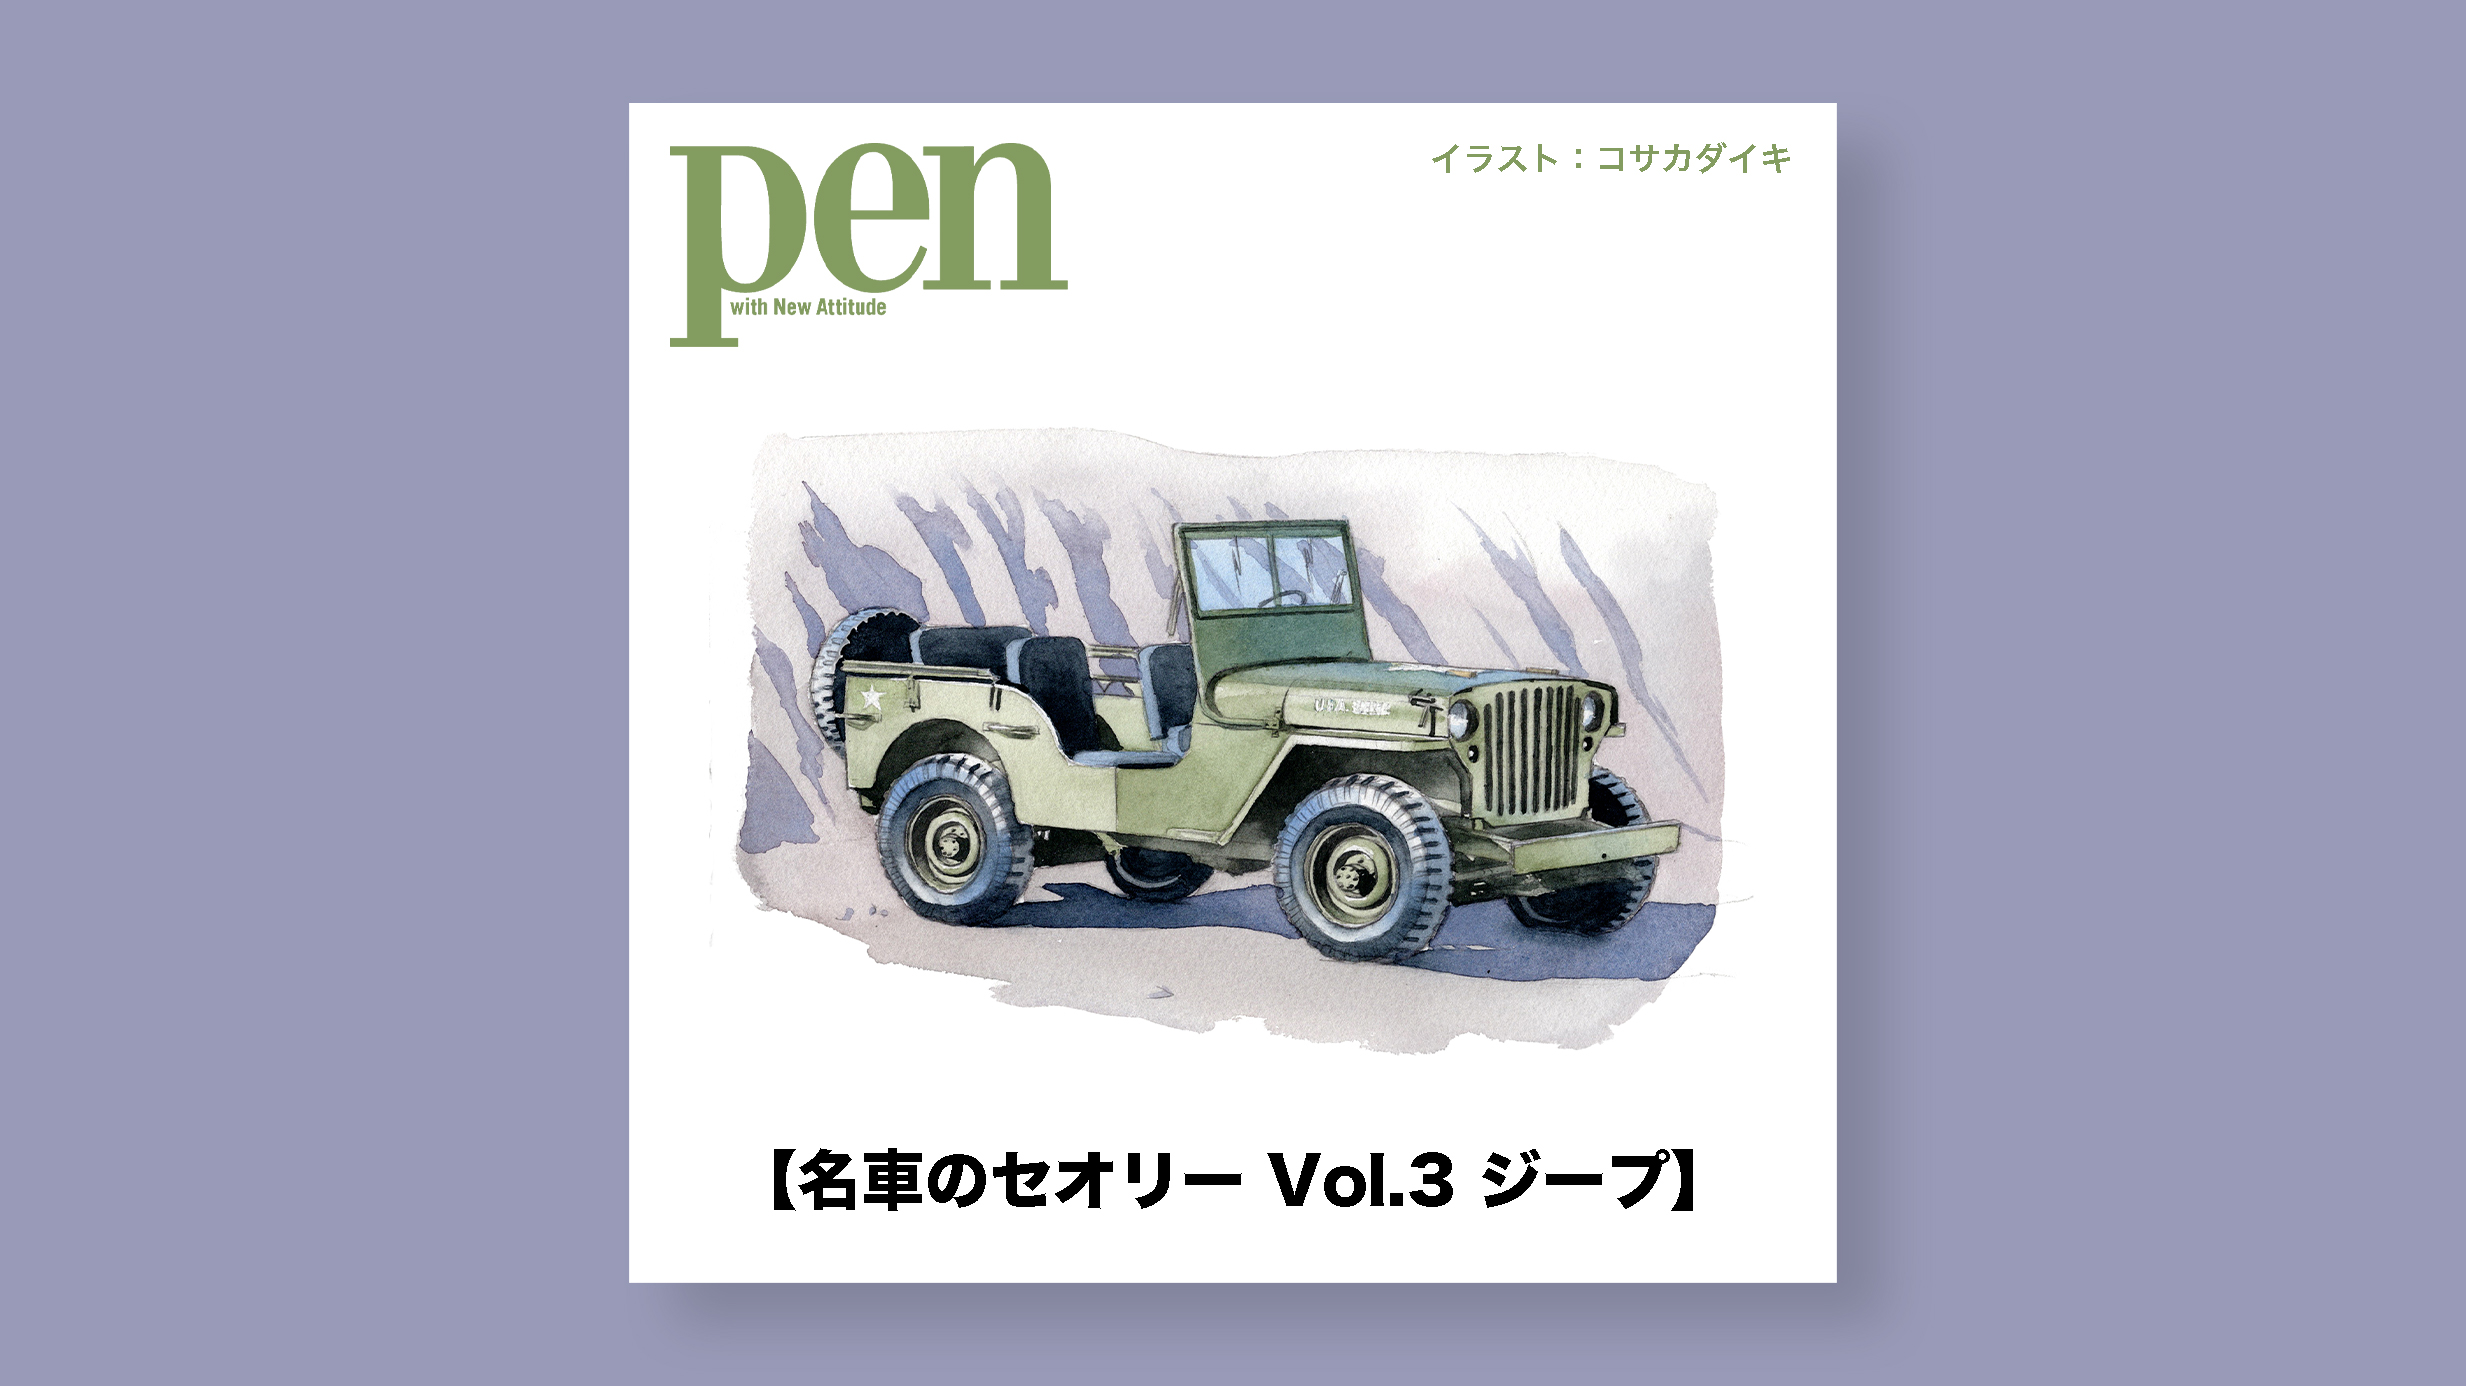 雑誌 Pen オンライン 戦場で鍛えられた走破性能をもつ、史上最強の4輪駆動車。【名車のセオリー Vol.3 ジープ】車イラスト